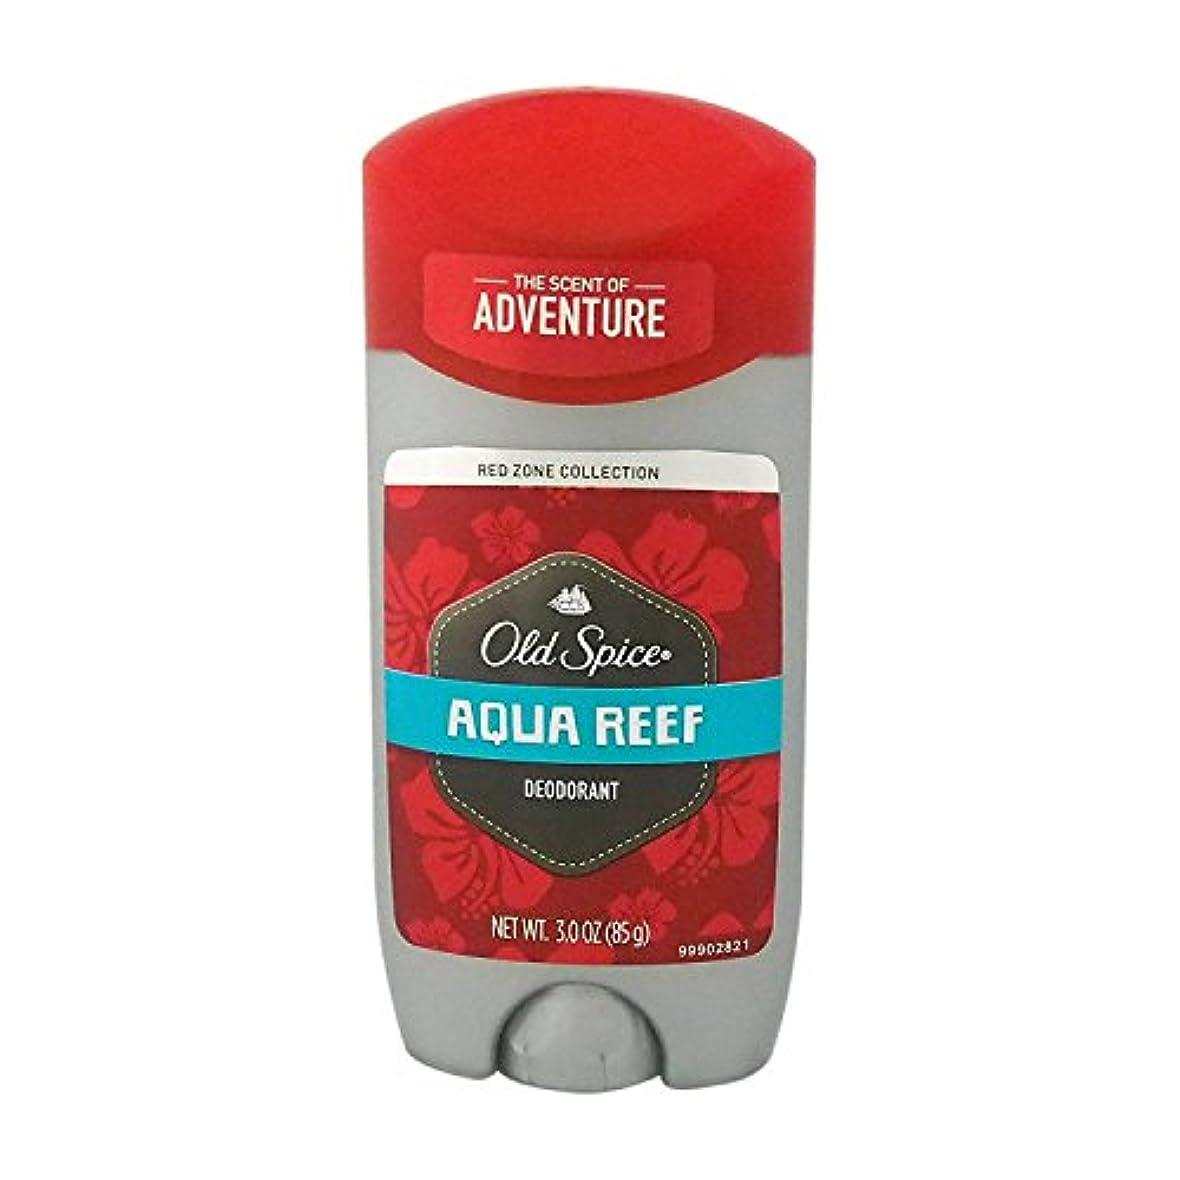 大きい減らすその後オールドスパイス(Old Spice) RED ZONE COLLECTION アクアリーフ デオドラント 85g[並行輸入品]